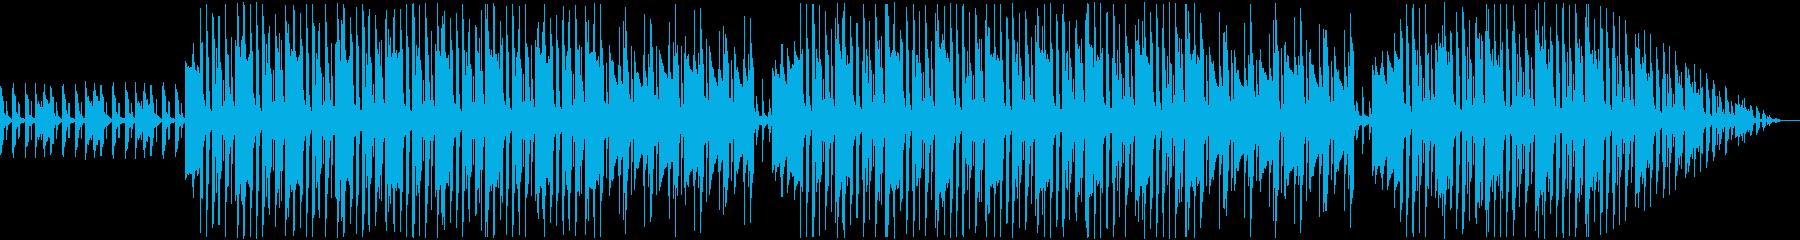 のんびり明るい楽曲の再生済みの波形